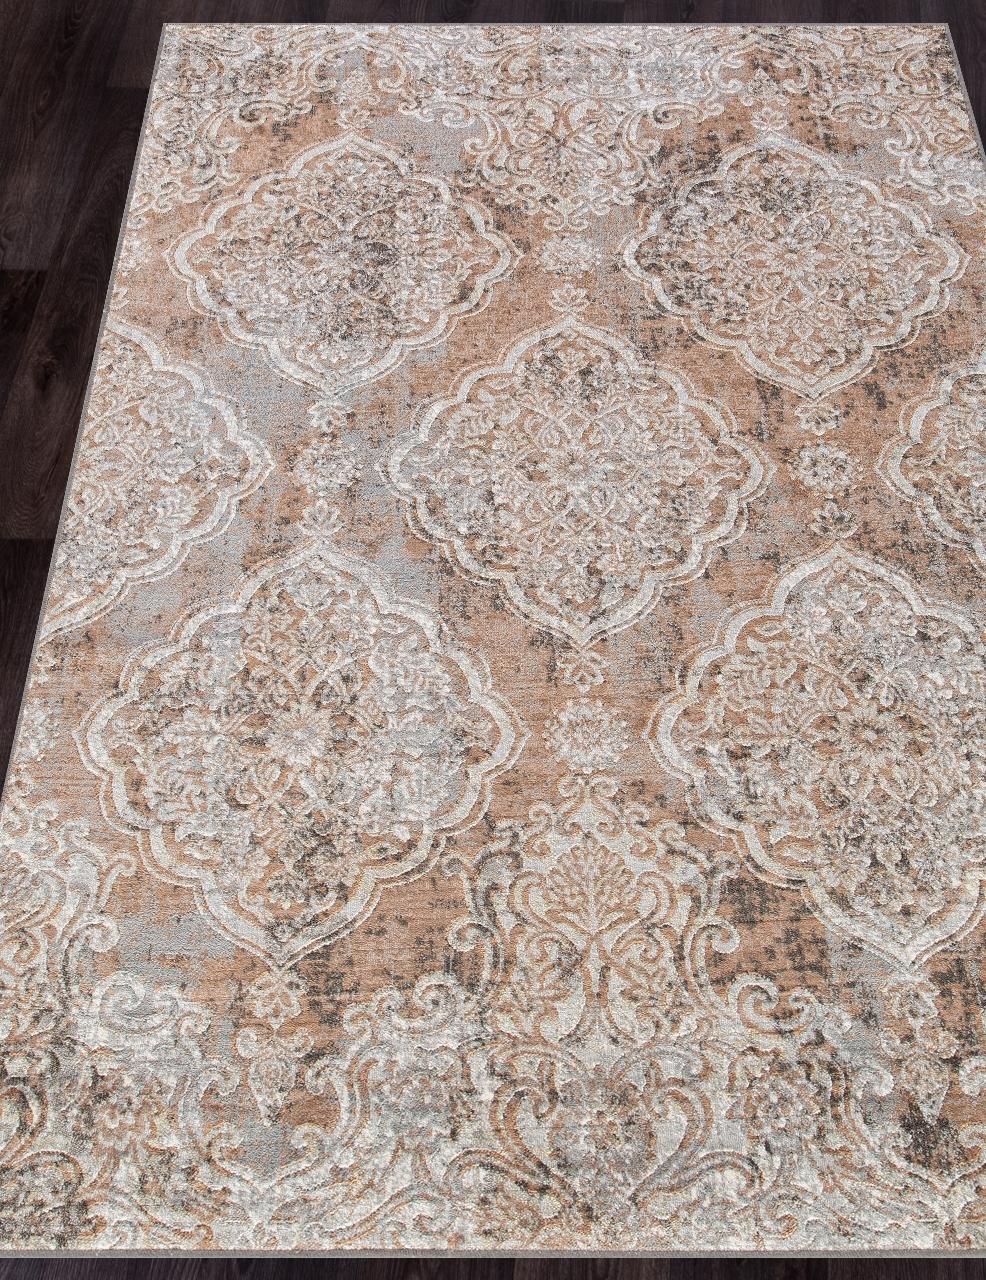 Ковер 89744 - 5280 - Прямоугольник - коллекция MATRIX - фото 1